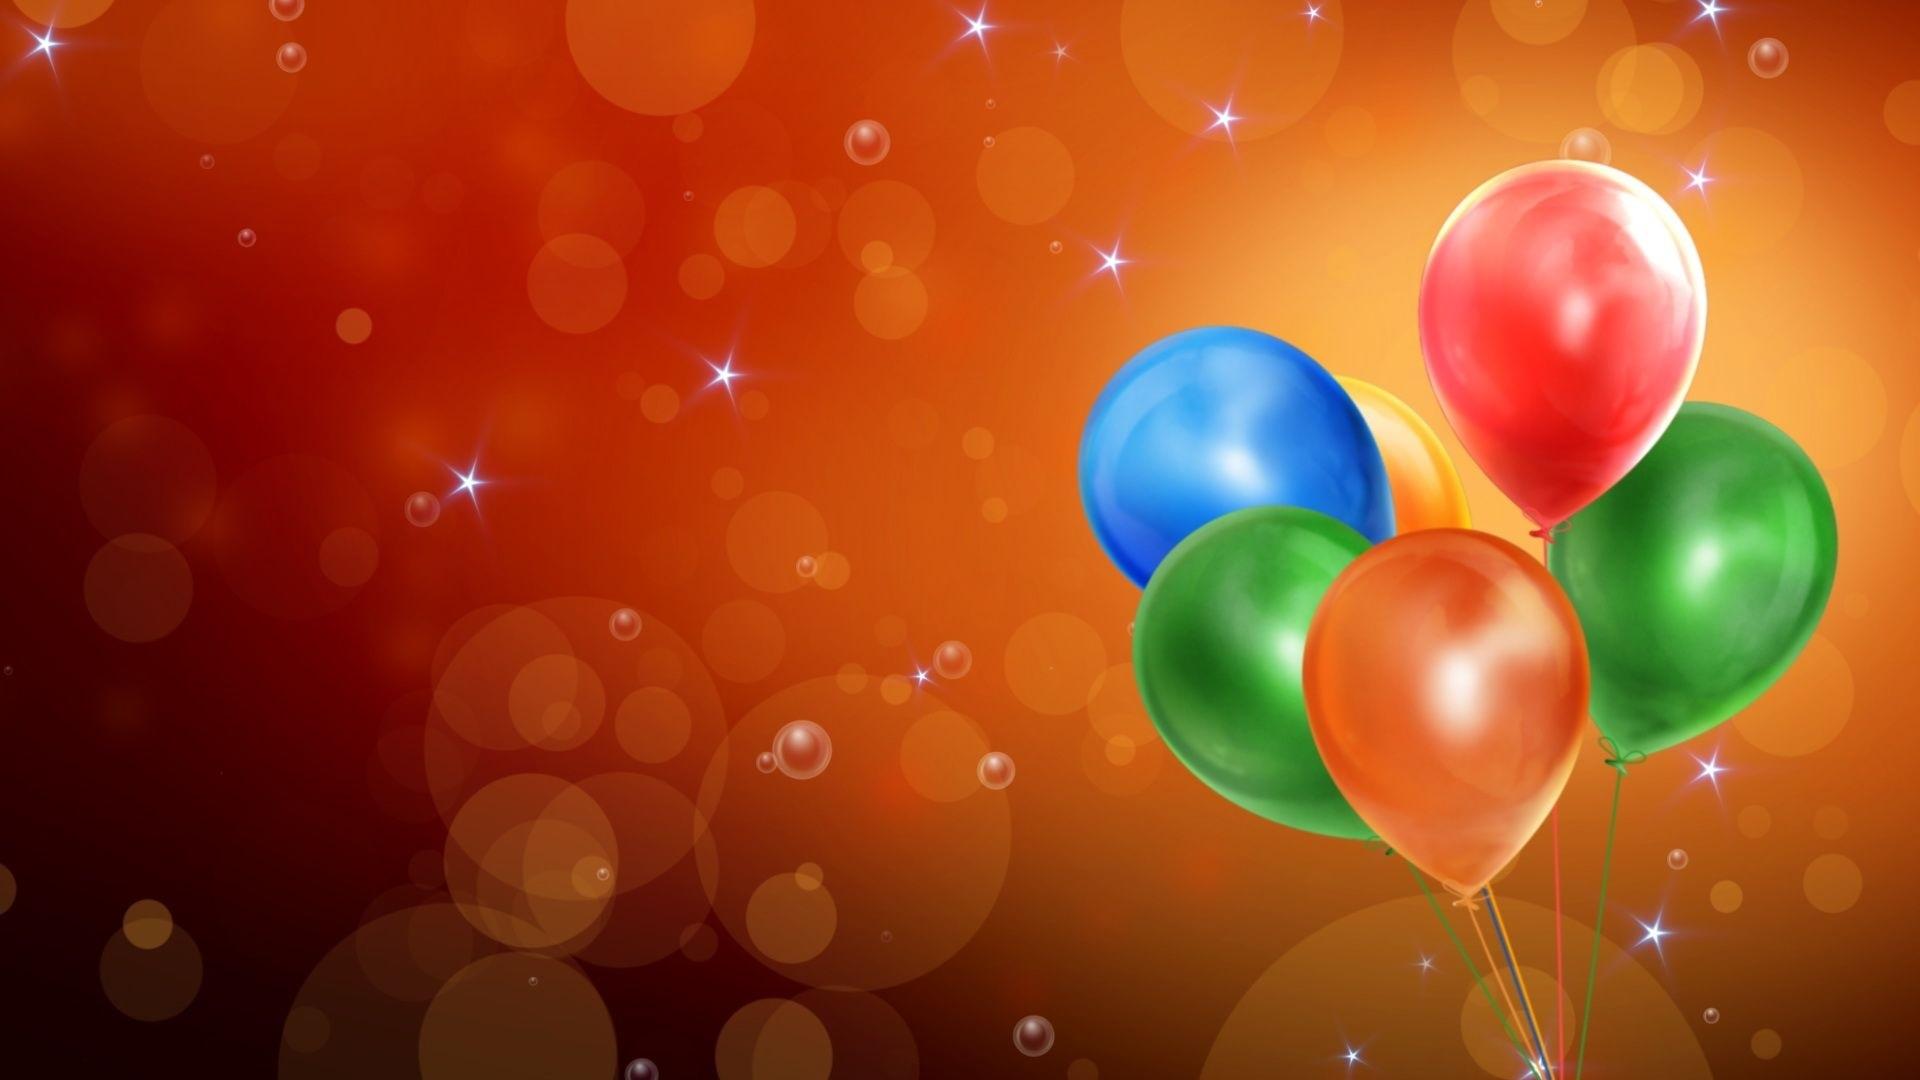 Мобильный музыкальные, фон на поздравления с днем рождения